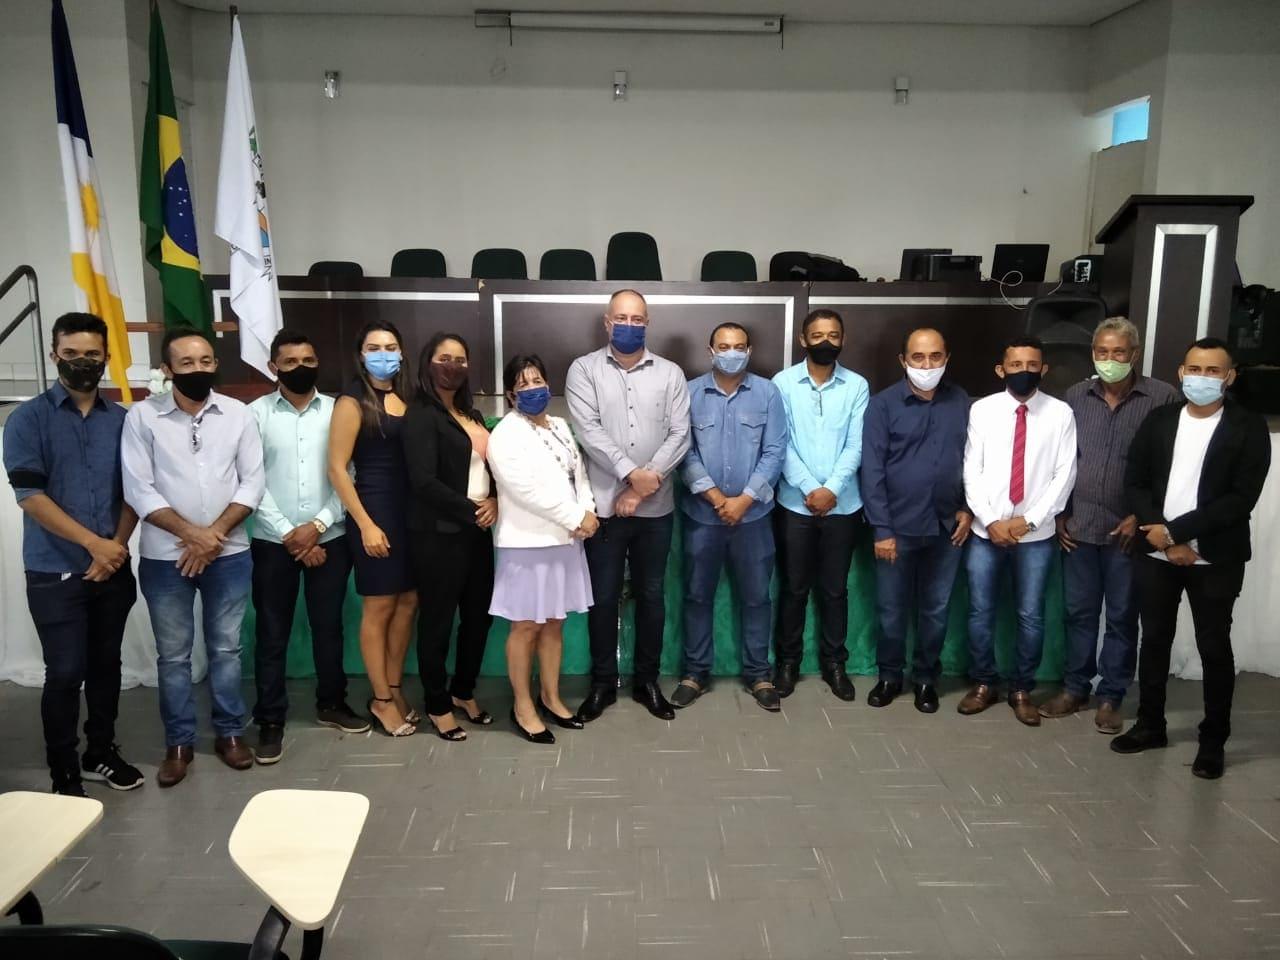 Eleitos posa para foto oficial após ser declarado diplomados pela juíza Renata do Nascimento - Foto: Divulgação